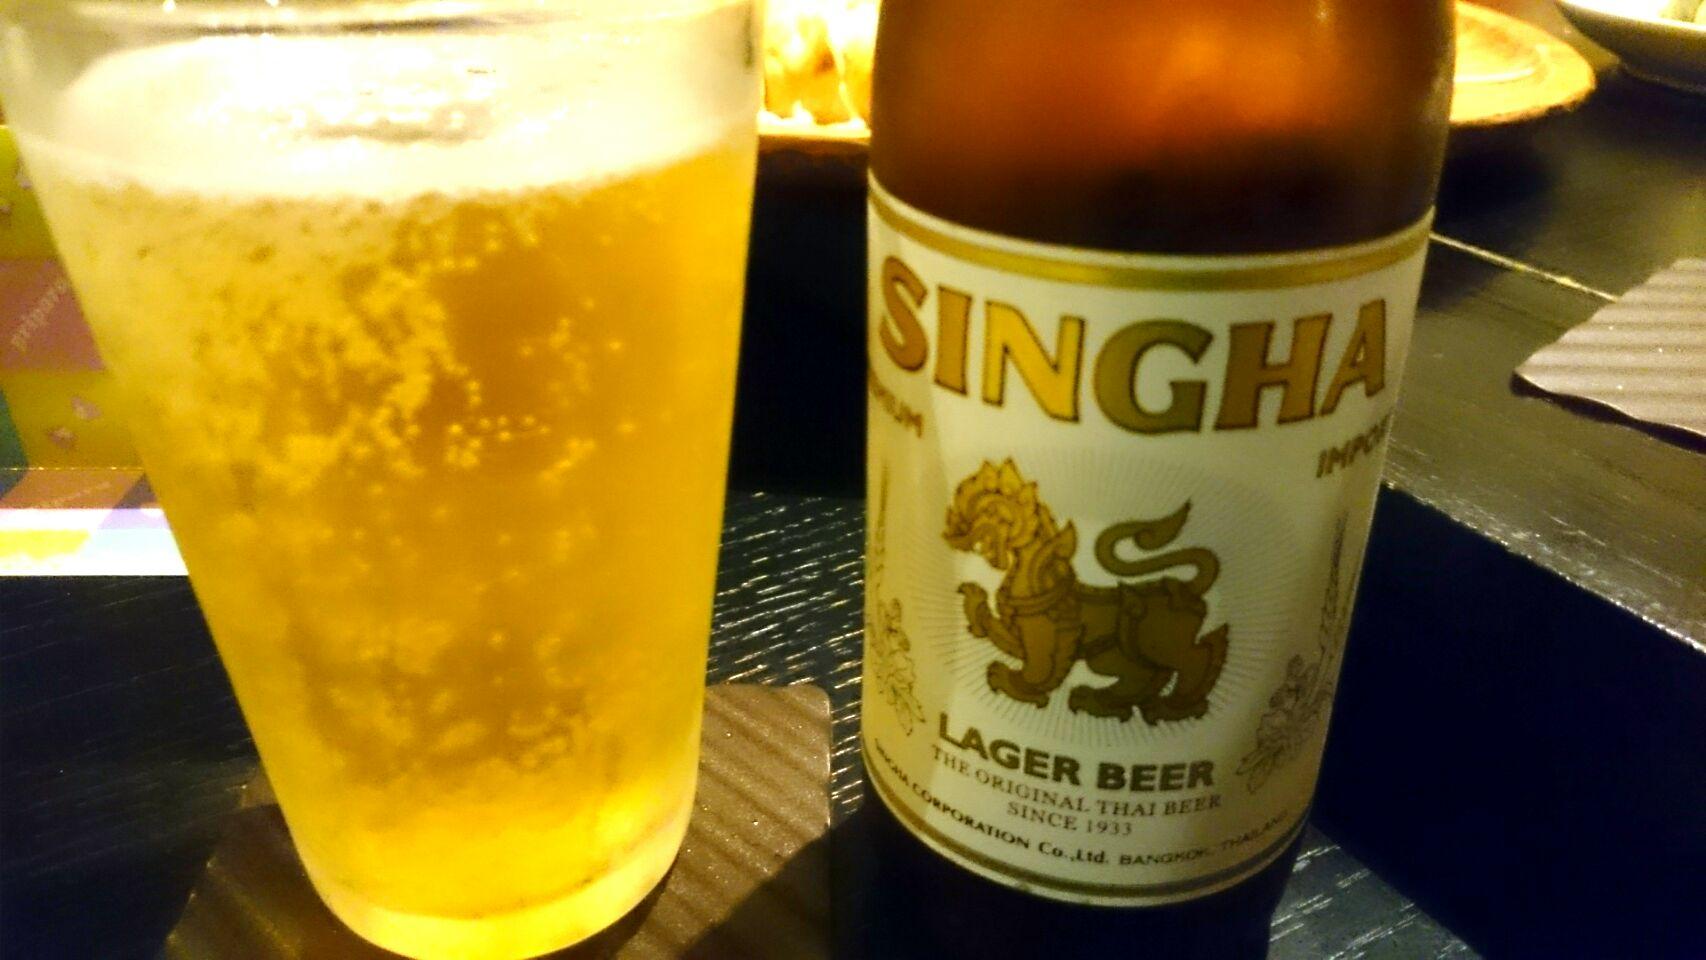 タイ生まれの人気ビール「シンハービール」の特徴&おつまみレシピの画像